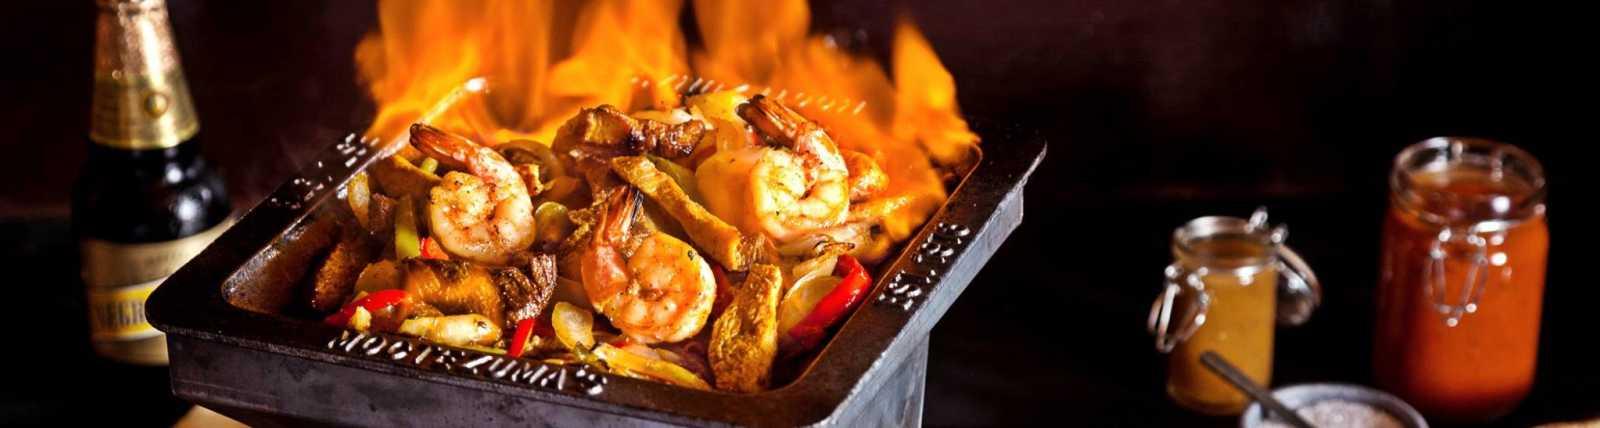 Moctezuma_s_Mexican_Restaurant___Tequila_Bar.jpg